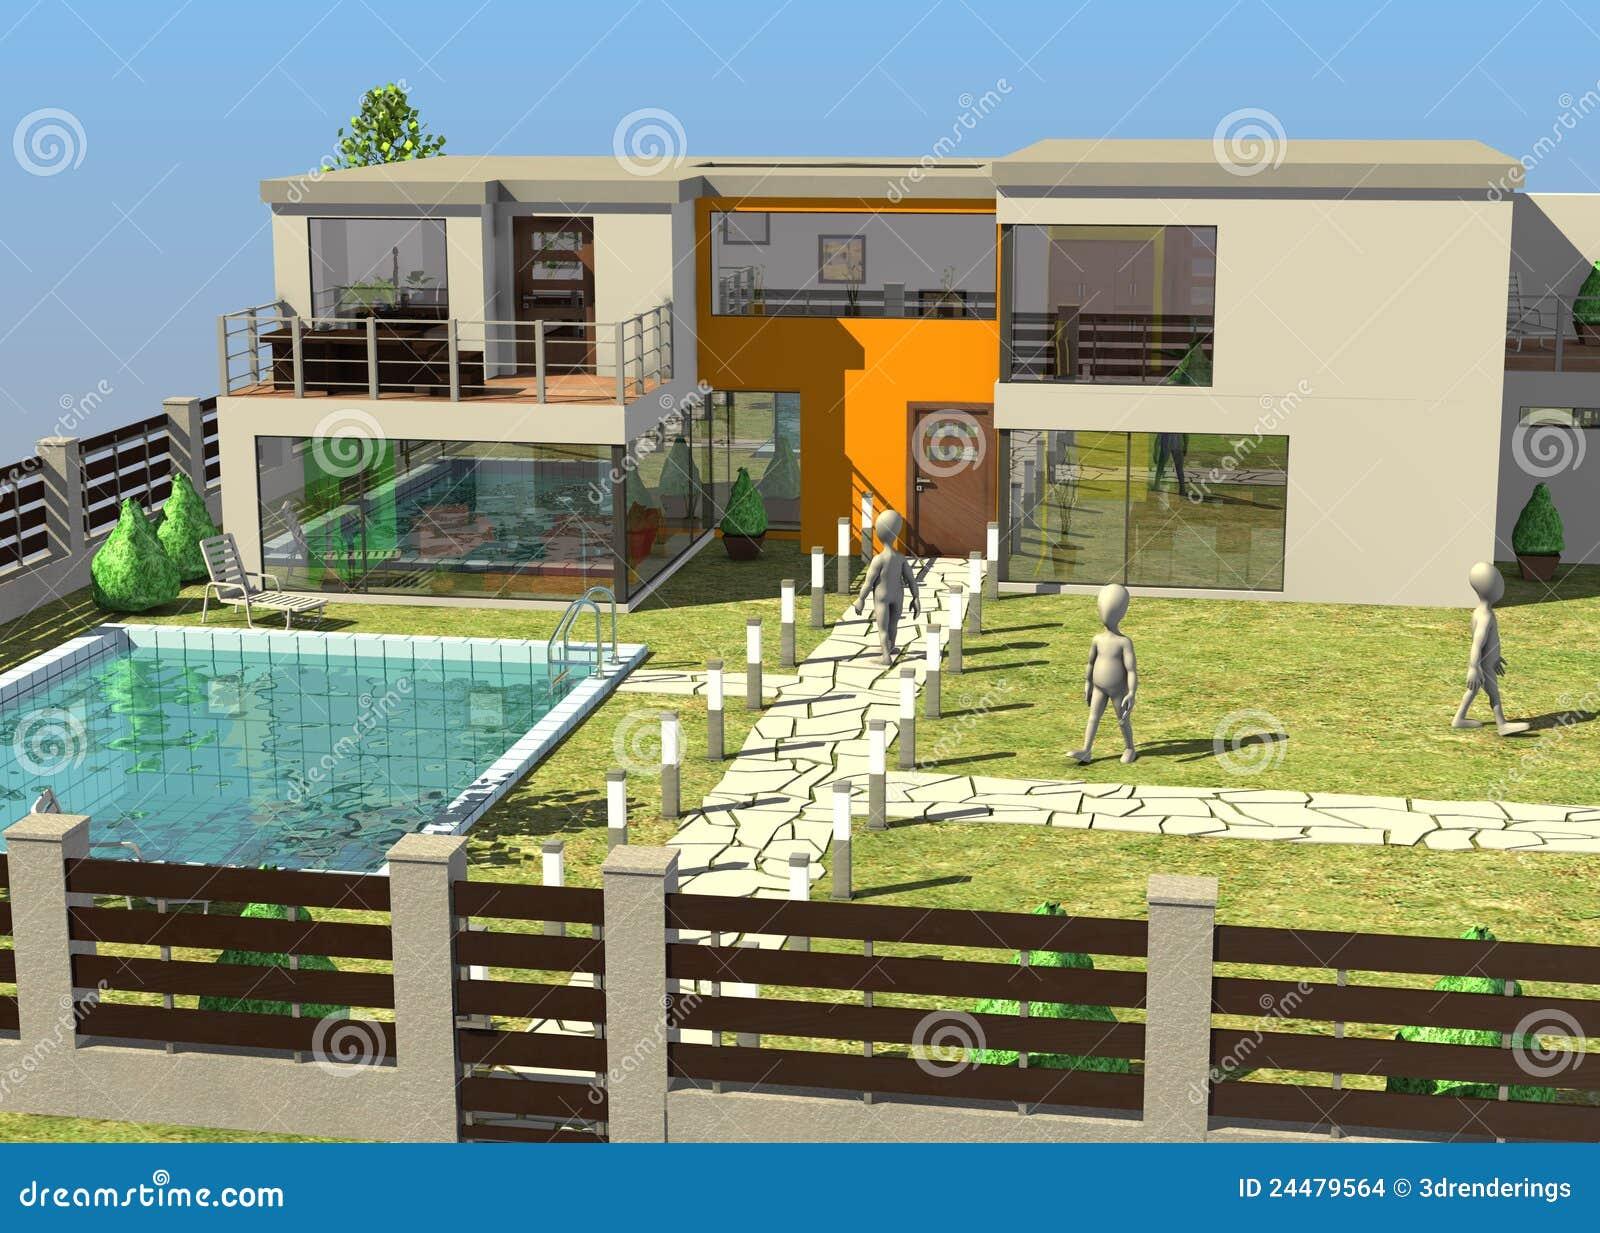 personnages de dessin anim devant maison moderne - Maison Moderne Dessin